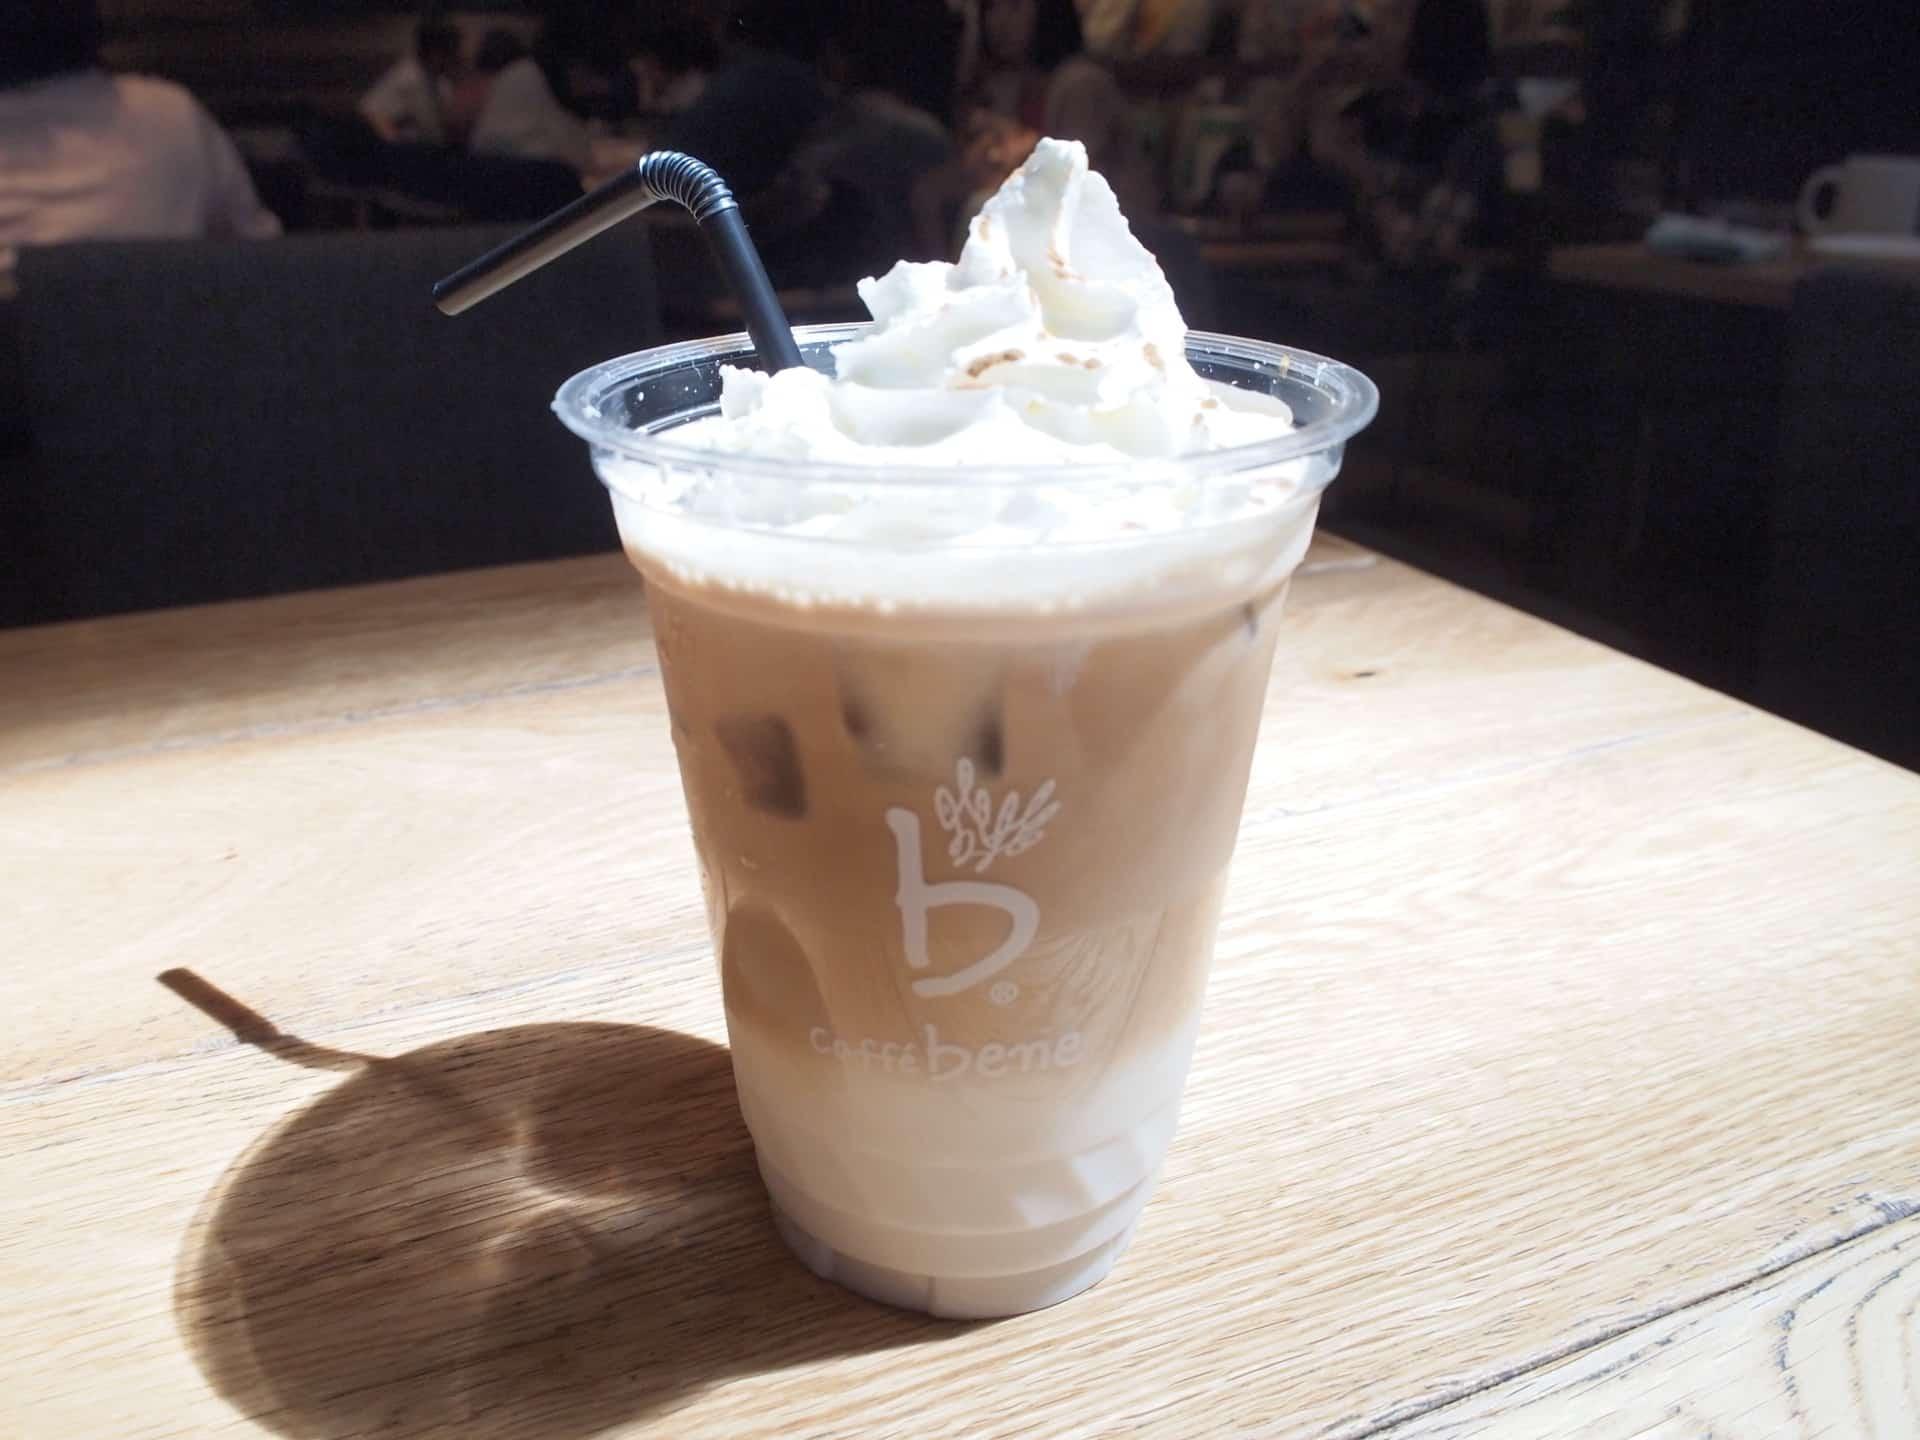 カフェベネ 羽田空港第1ターミナル店 − 韓国の人気カフェの日本1号店!JAL・スカイマーク利用の時に便利